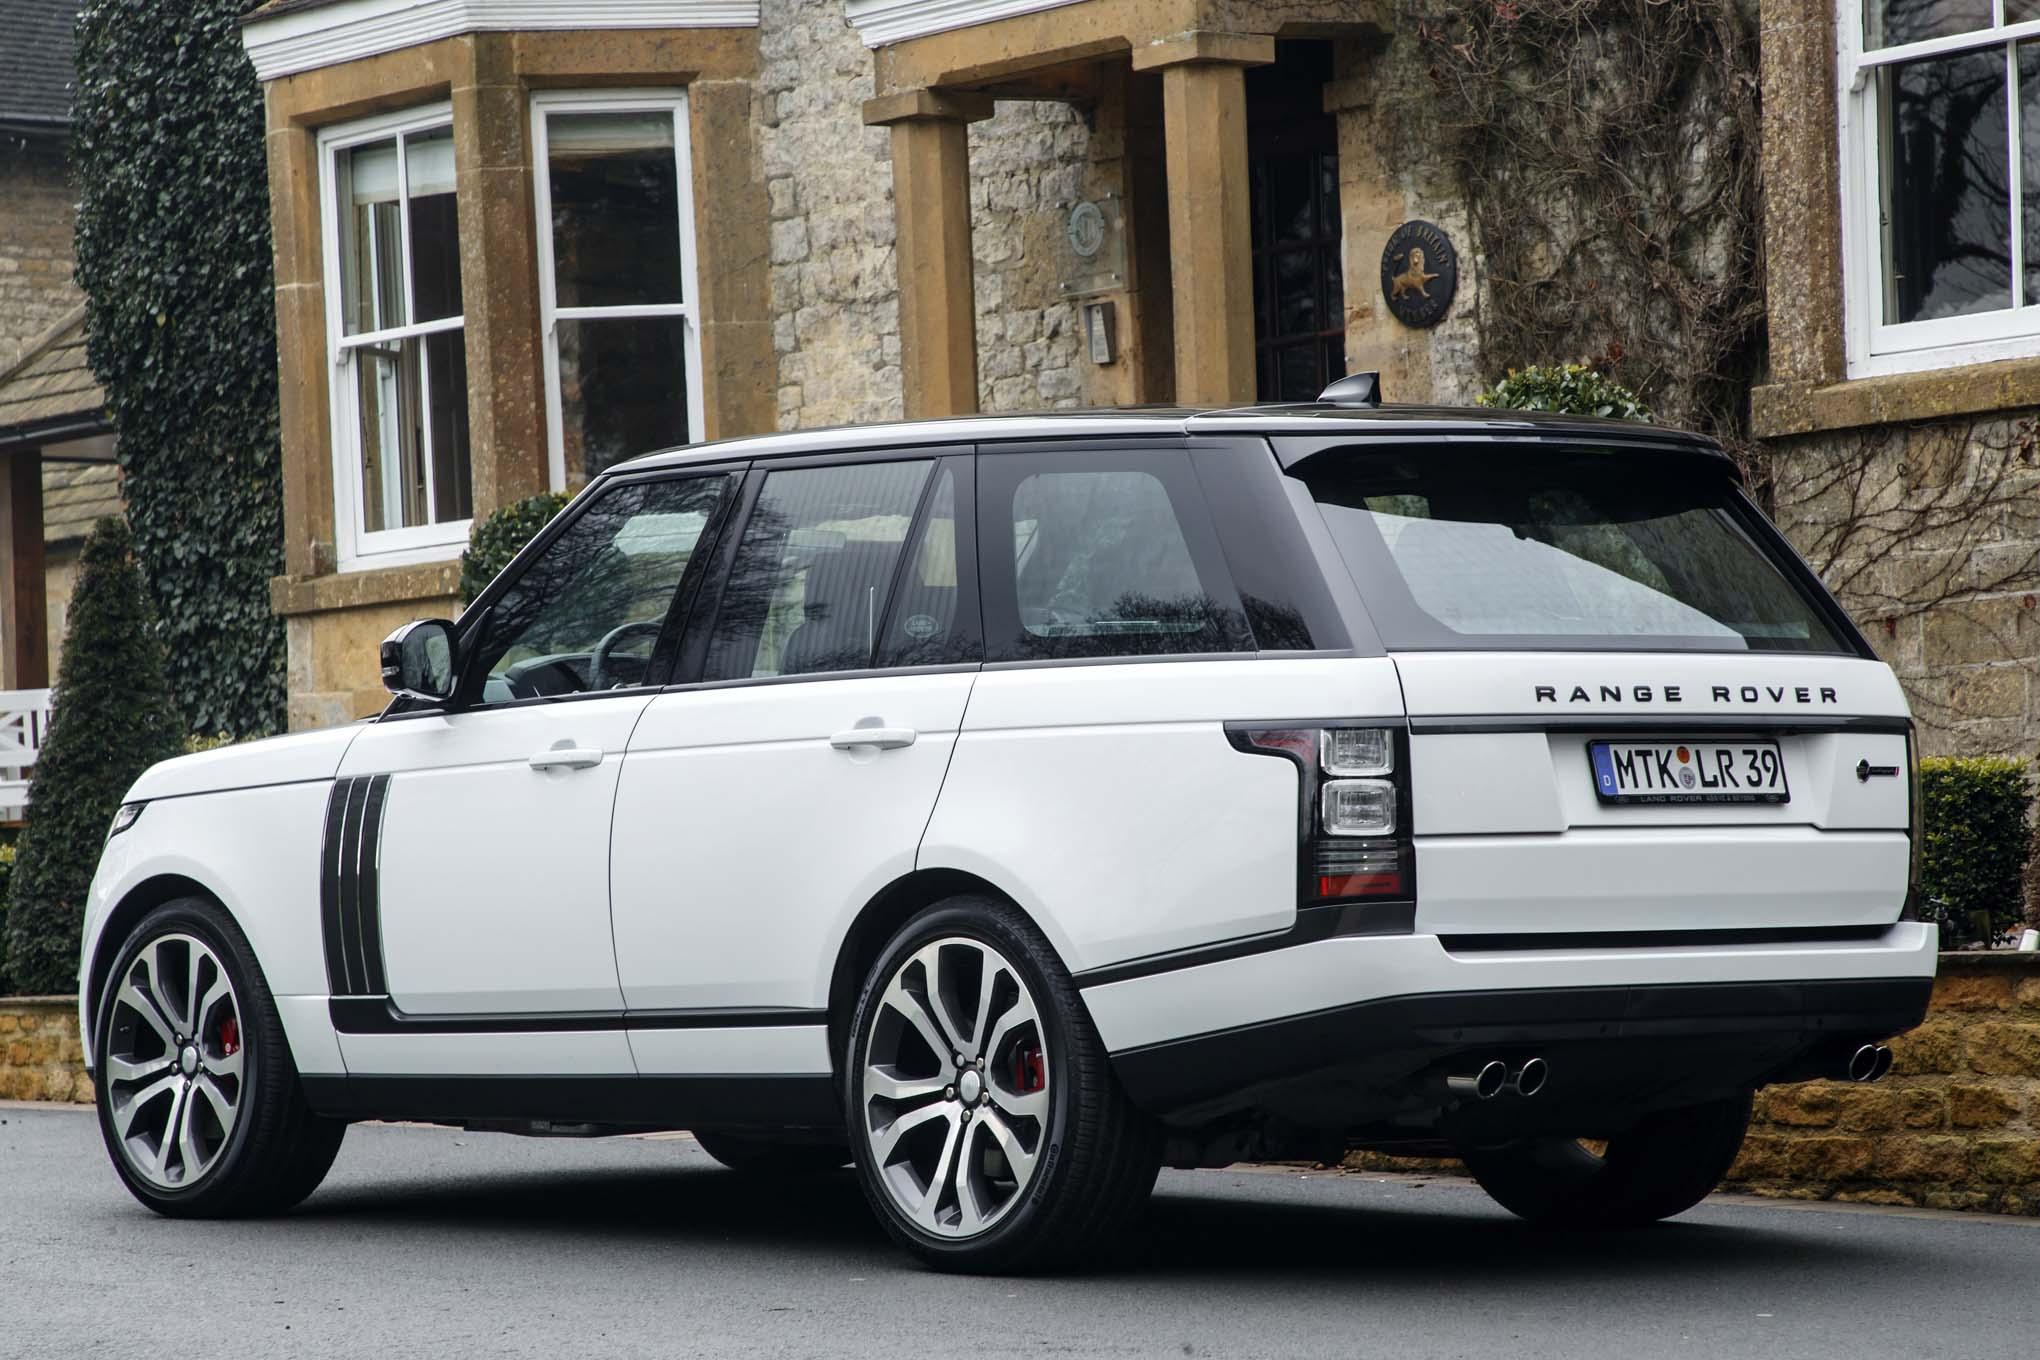 صوره سياره رنج روفر , تصميماتRange Rover , عربية رنج الايطالية